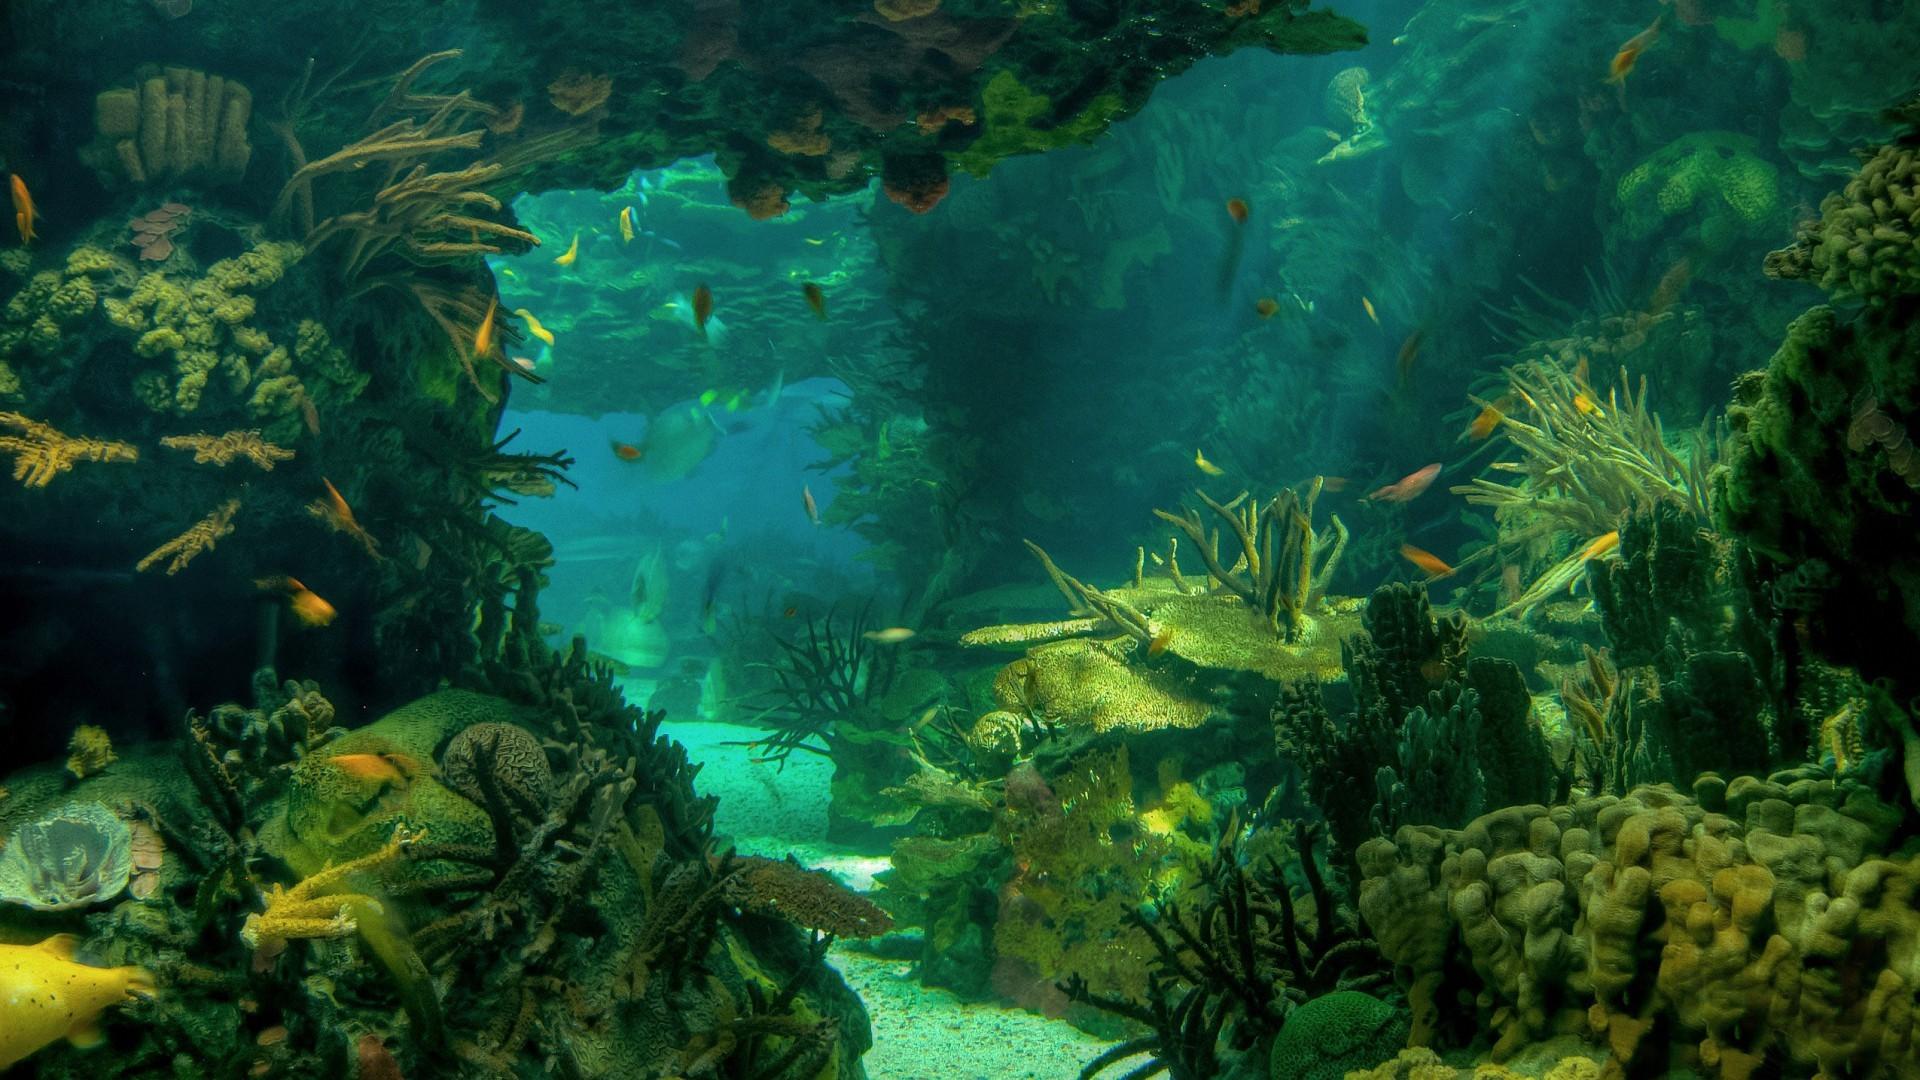 Undersea Wallpapers for Desktop (69+ images)